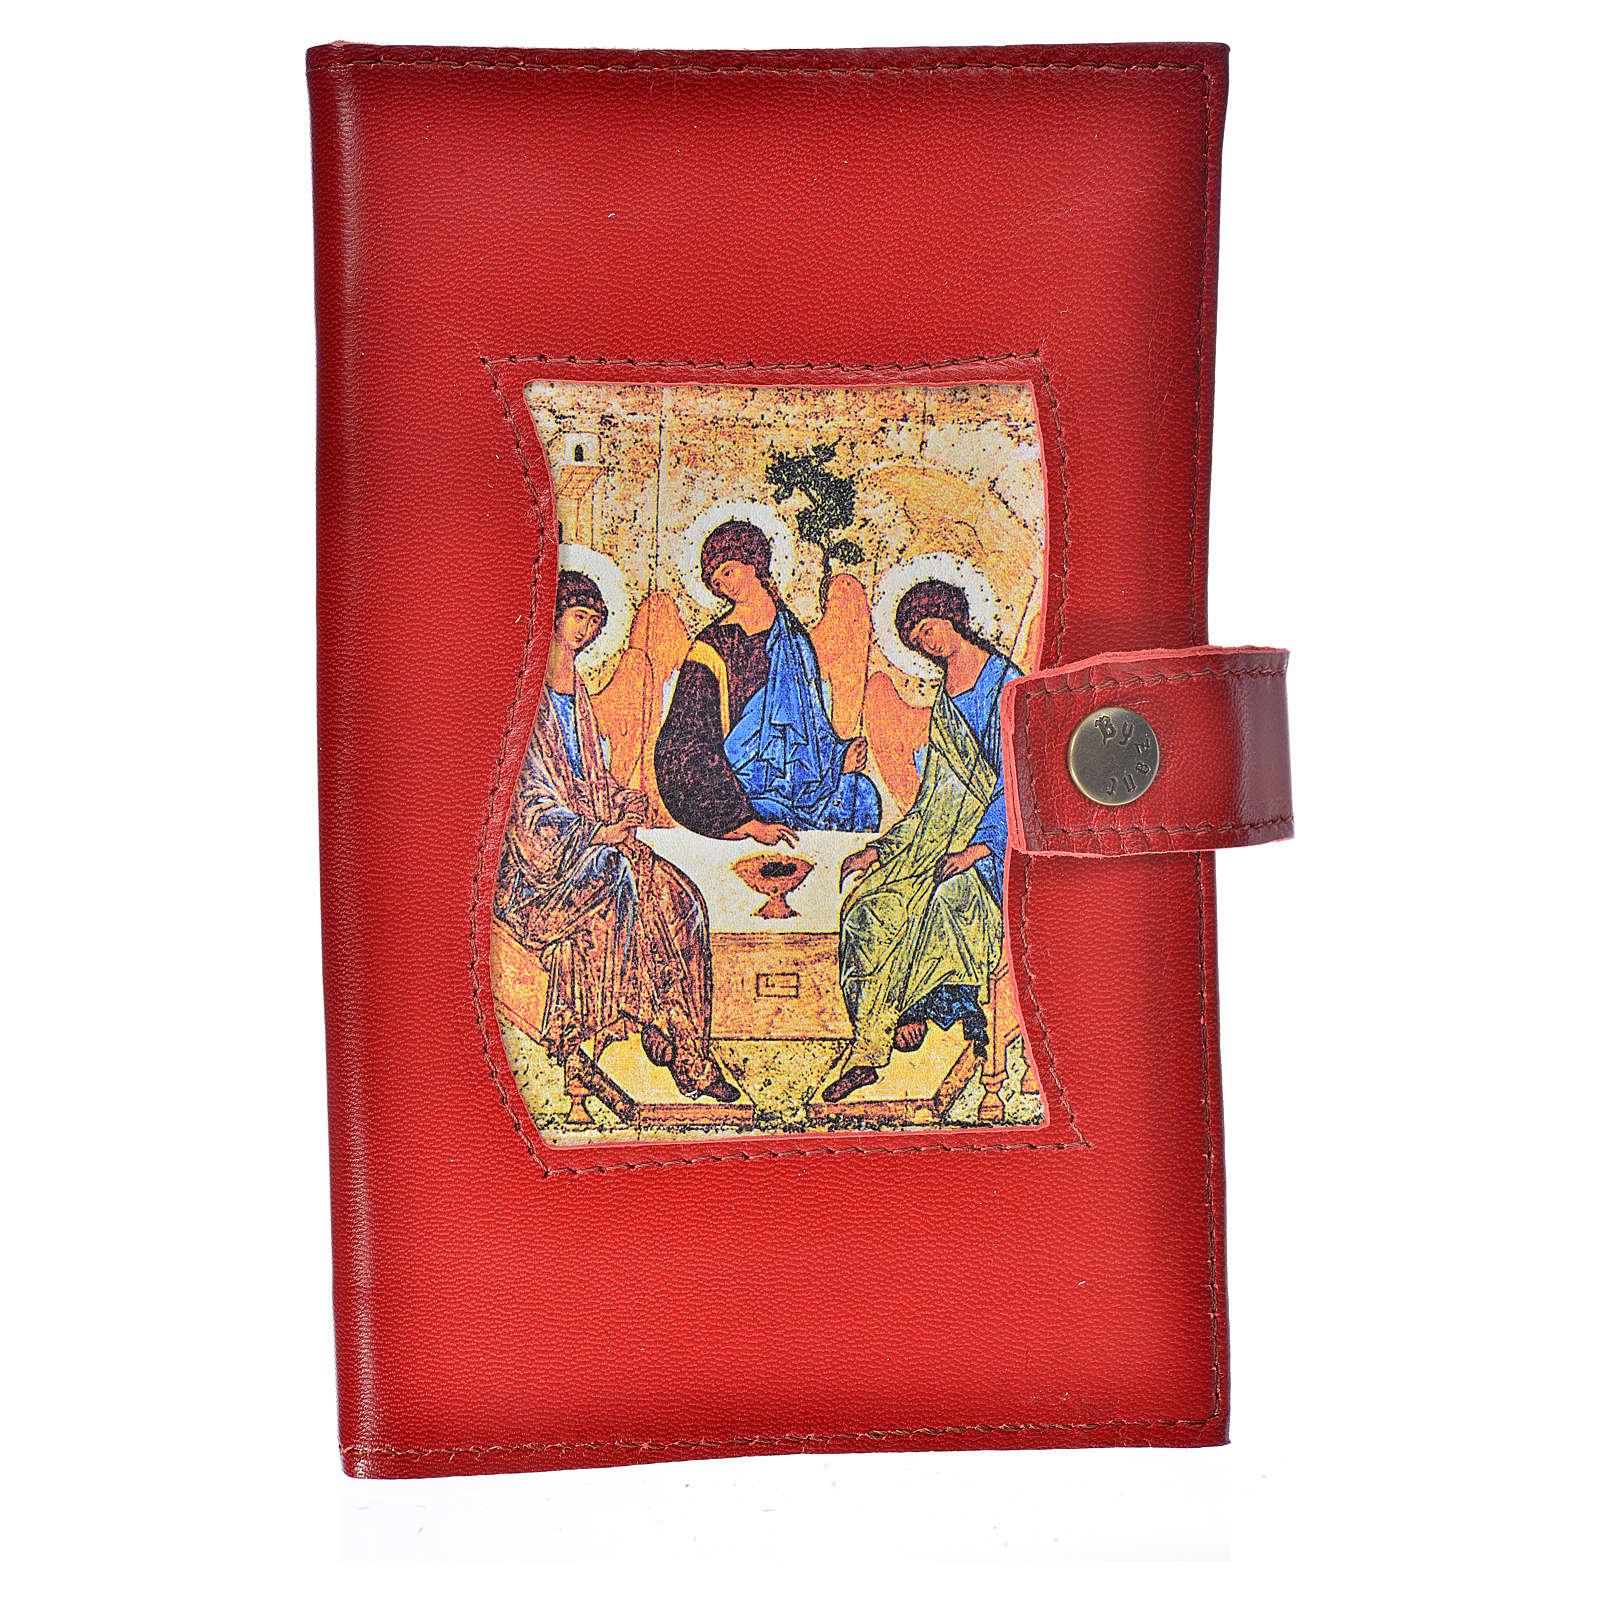 Funda Biblia Jerusalén Nueva Ed. cuero burdeos Trinidad 4